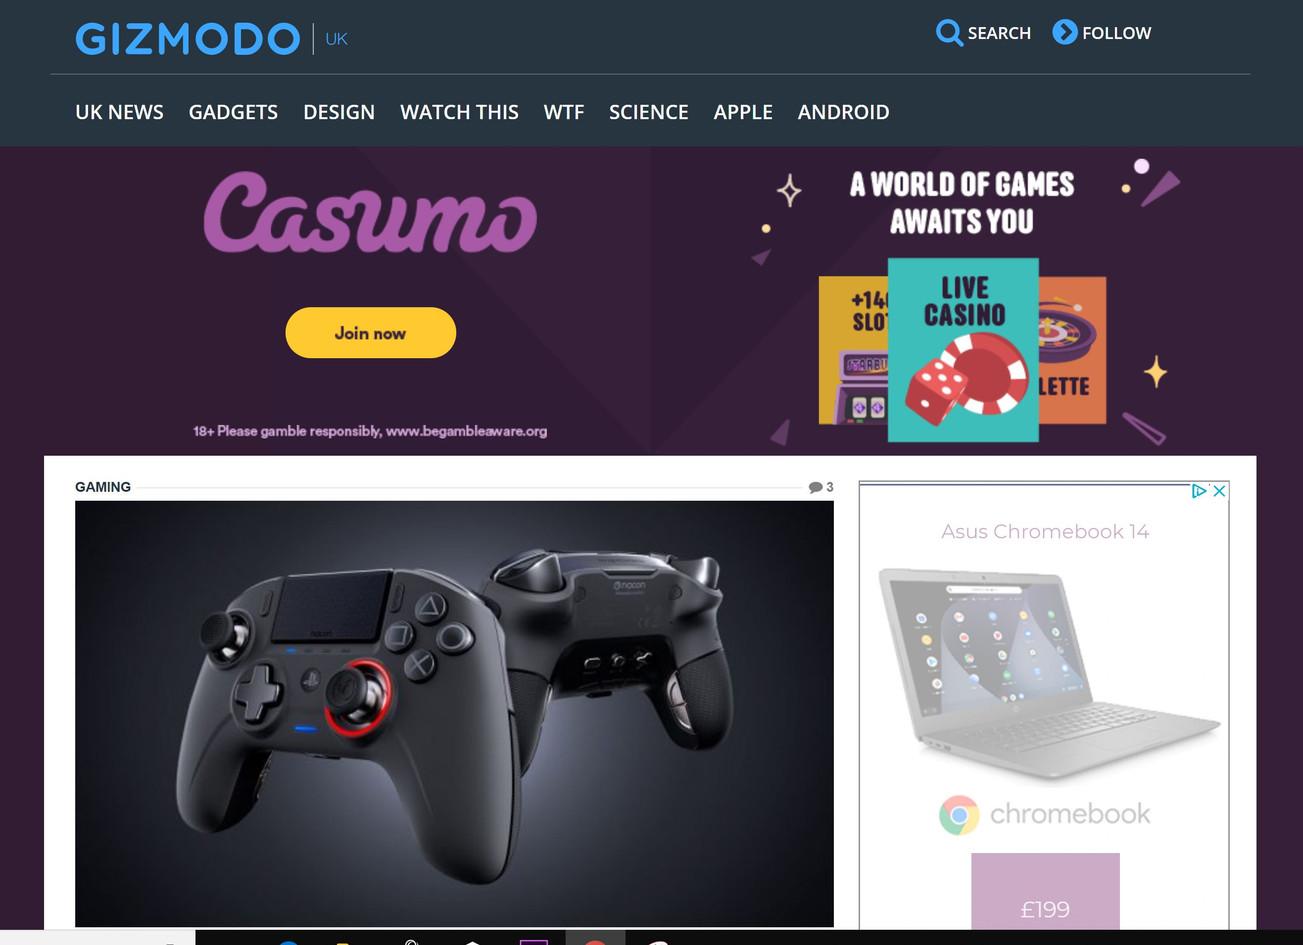 www.gizmodo.co.uk